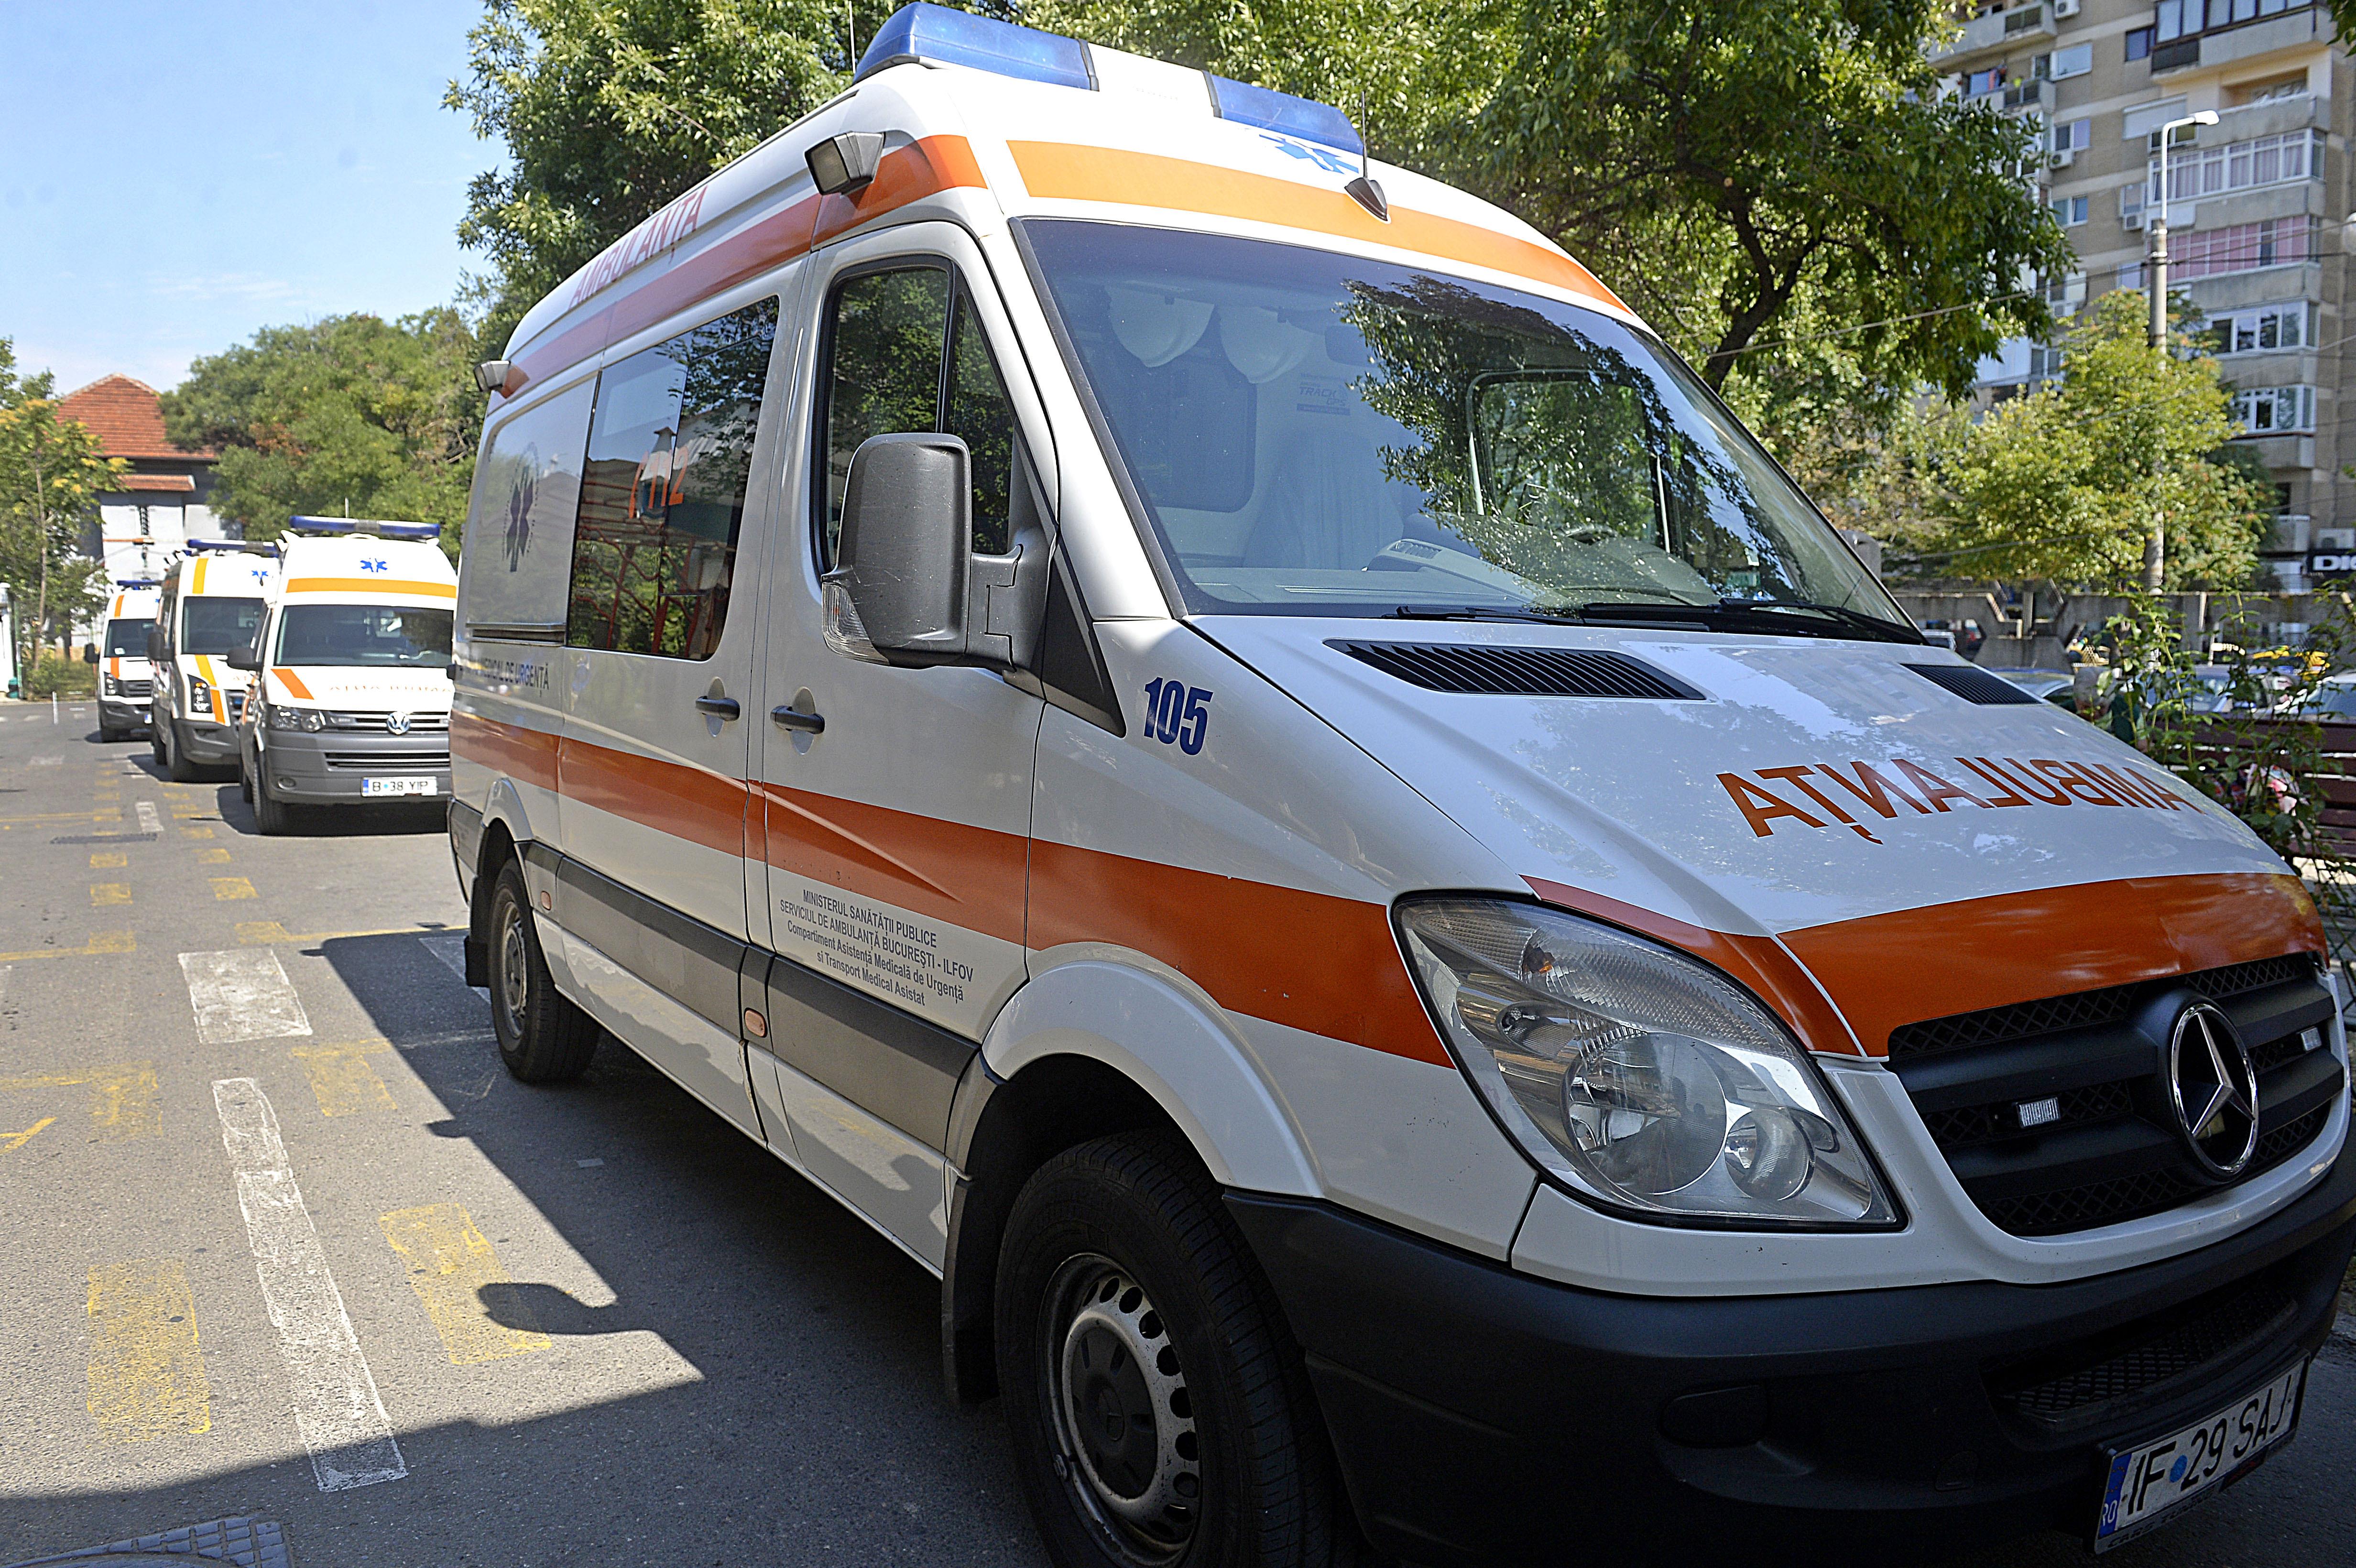 Şaptesprezece copii au ajuns la spital după ce au băut antigel de la robinetul şcolii